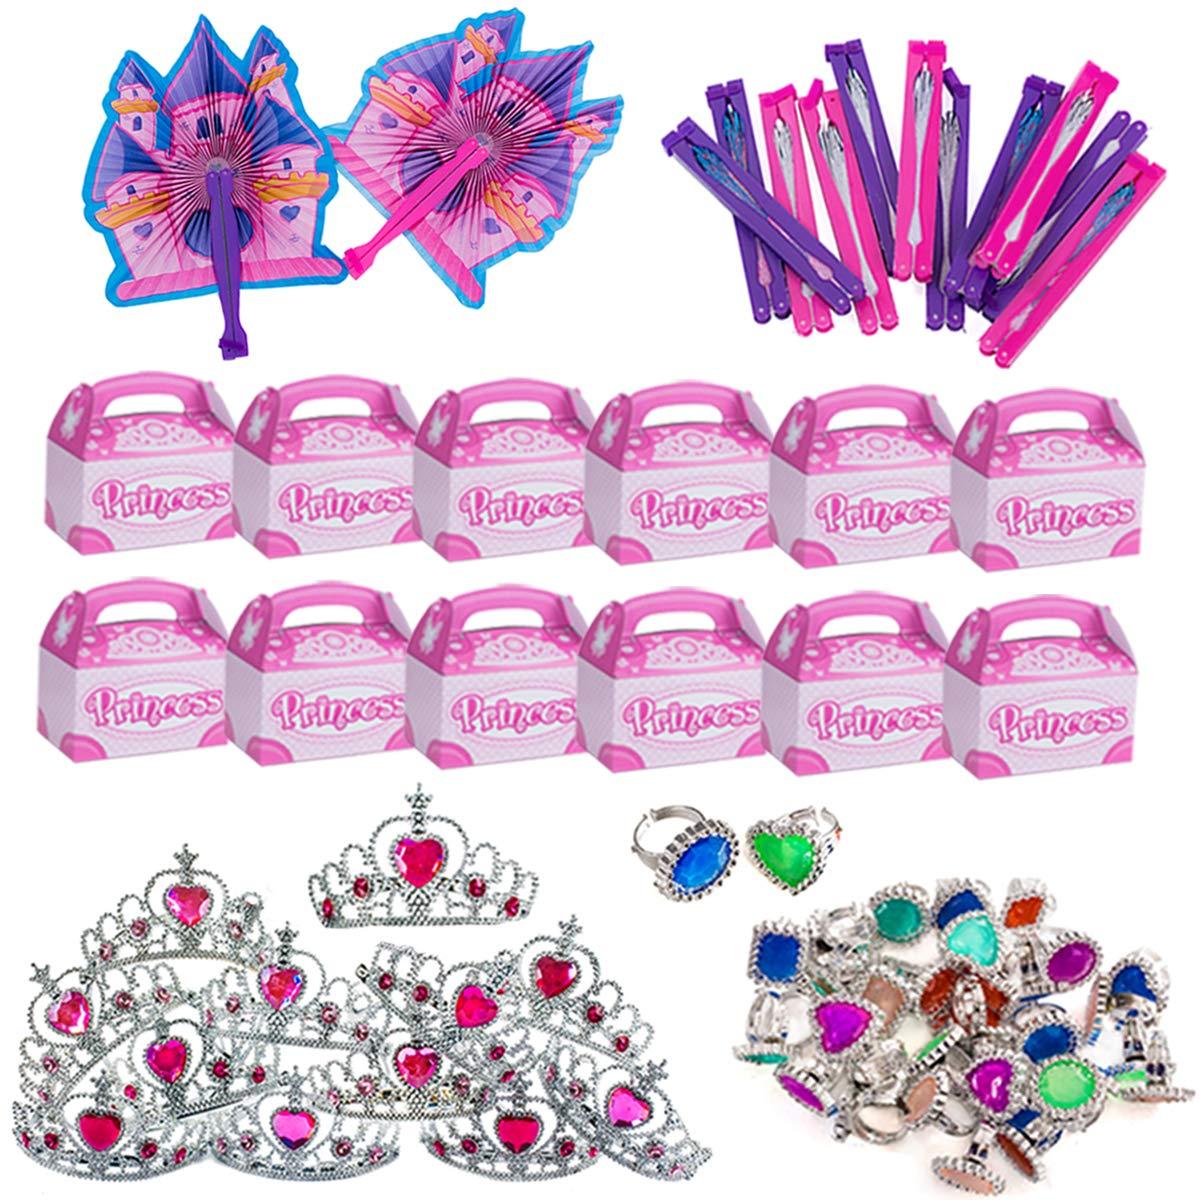 Funny Party Hats Princess Party Supplies - Party Favors - 72 Pc Set - Tiaras, Princess Fans, Treat Boxes & Princess Rings by Funny Party Hats